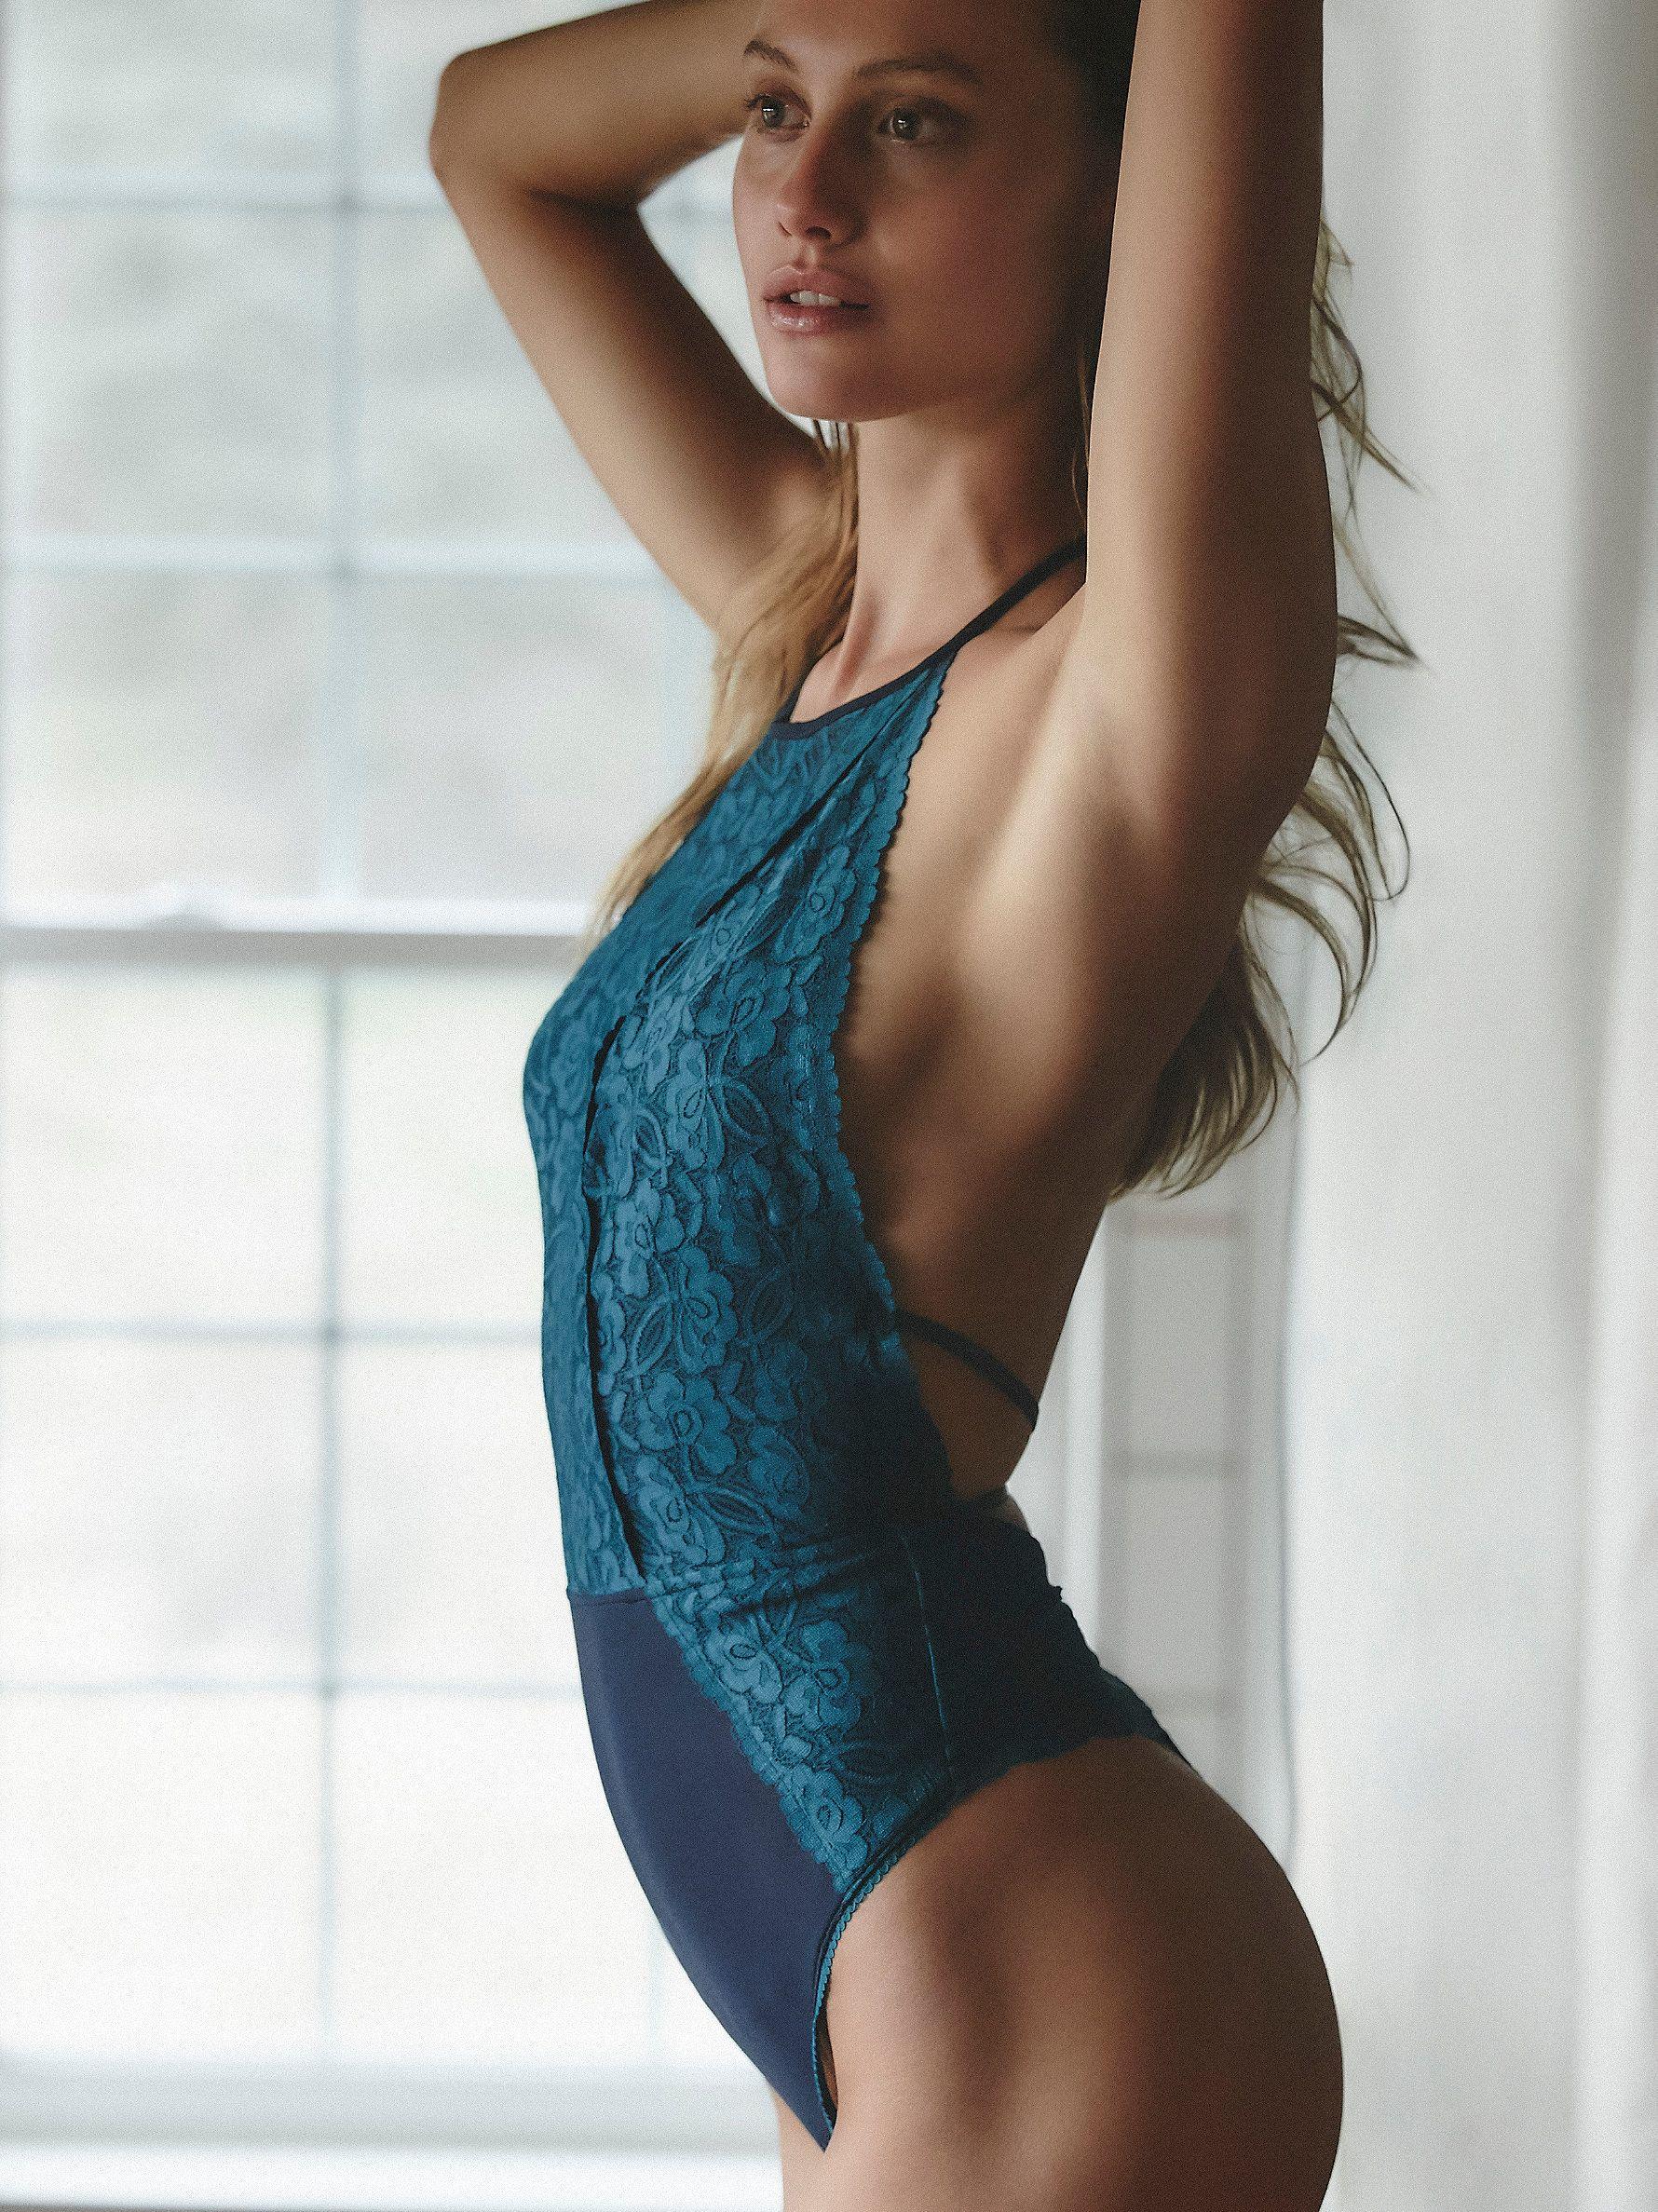 Lace bodysuit high neck  Dance Around Bodysuit  Delicate lace bodysuit featuring a high neck